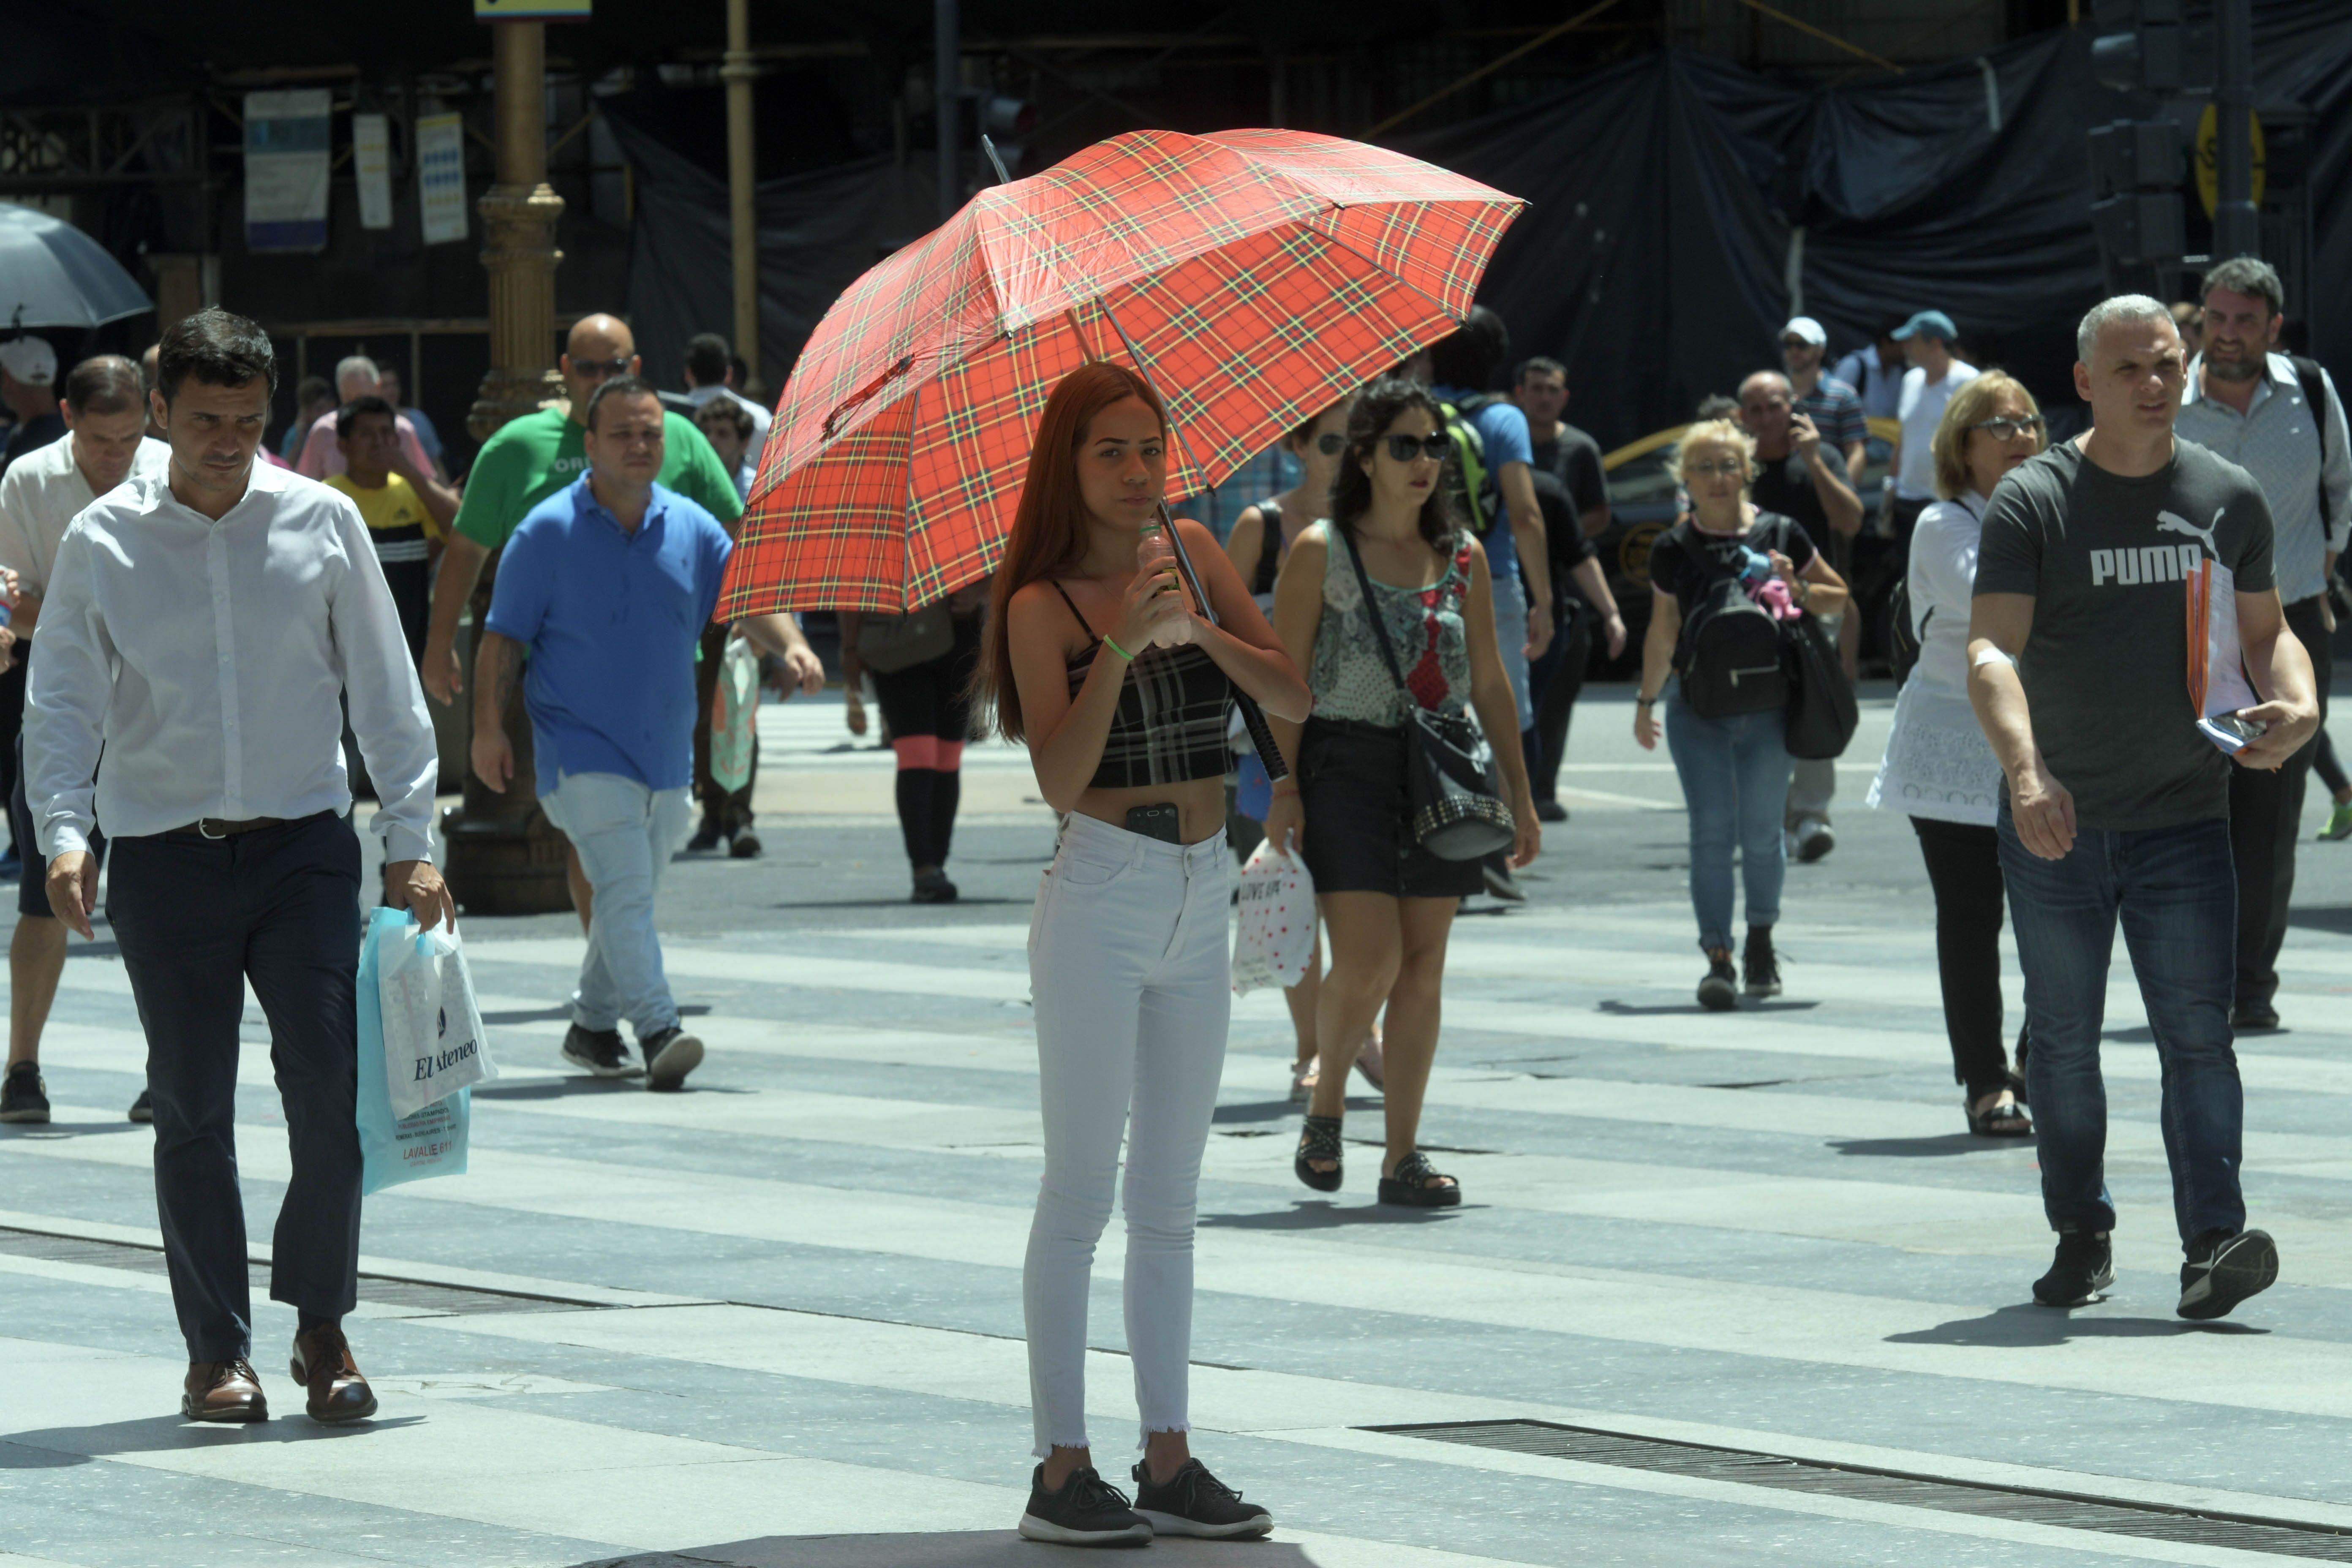 La sensación térmica llegó a los 42 grados en la Ciudad